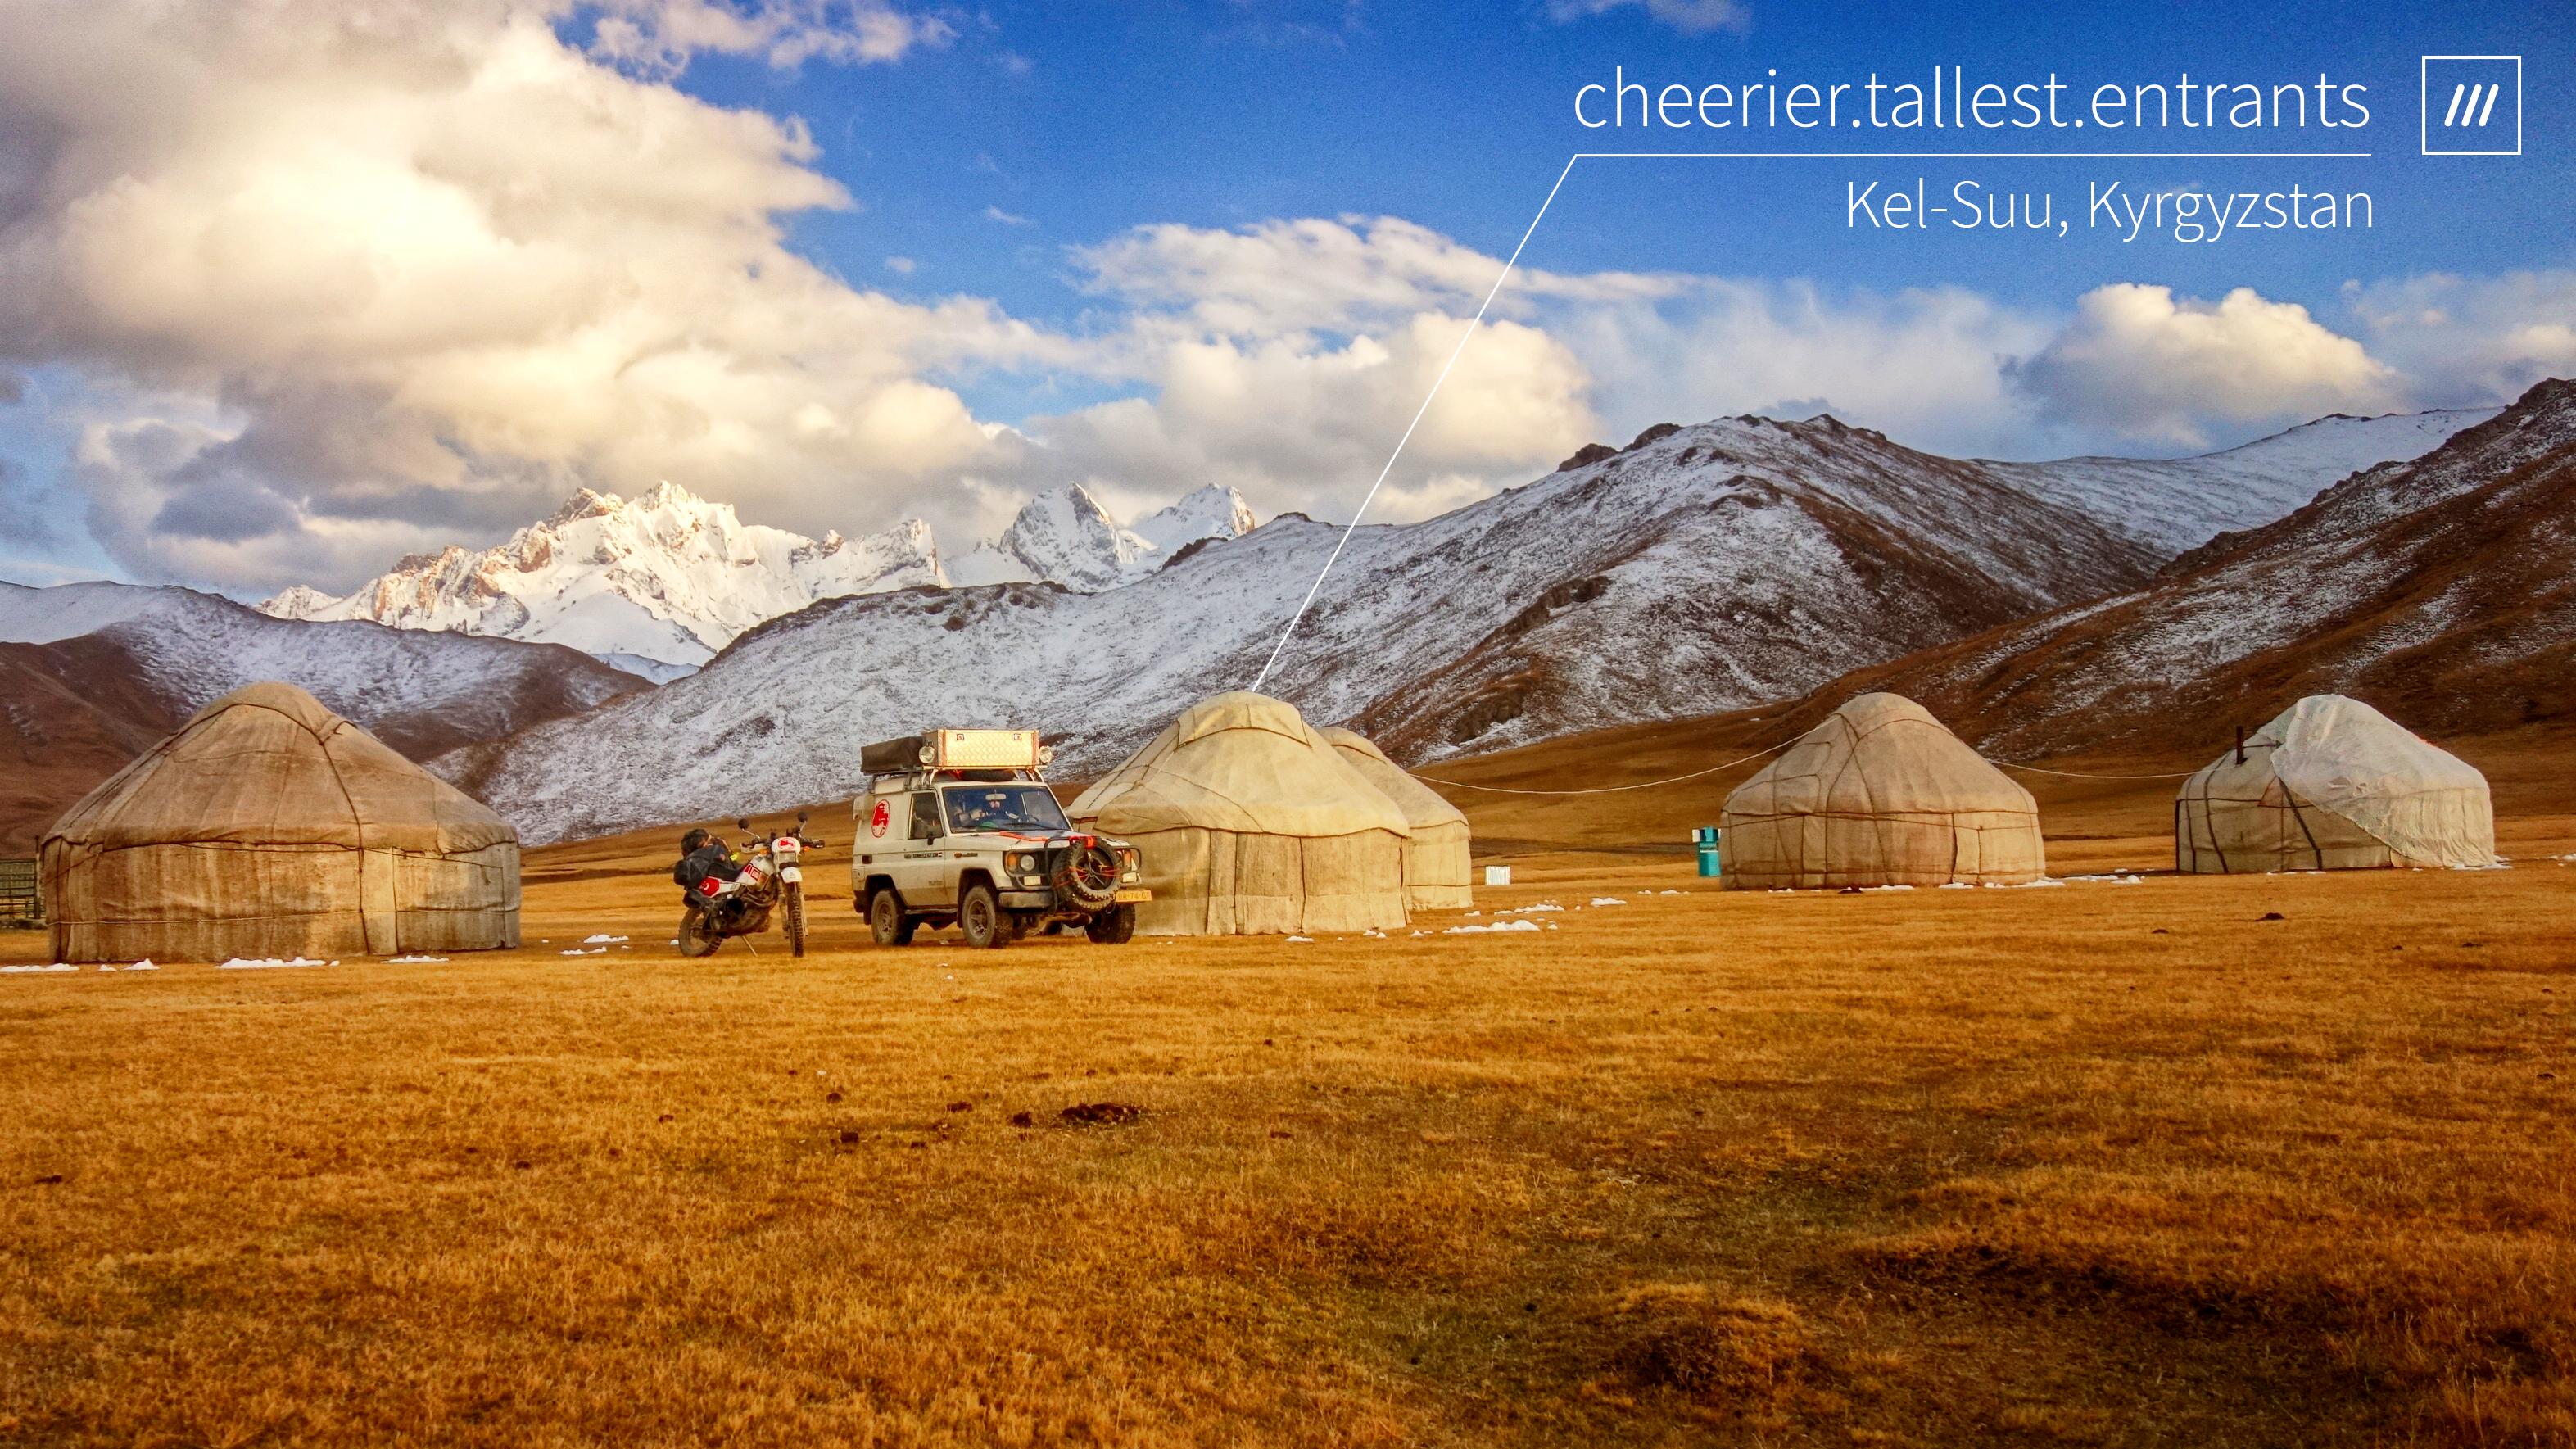 Six Wheels East, Kel-Suu, Kyrgyzstan